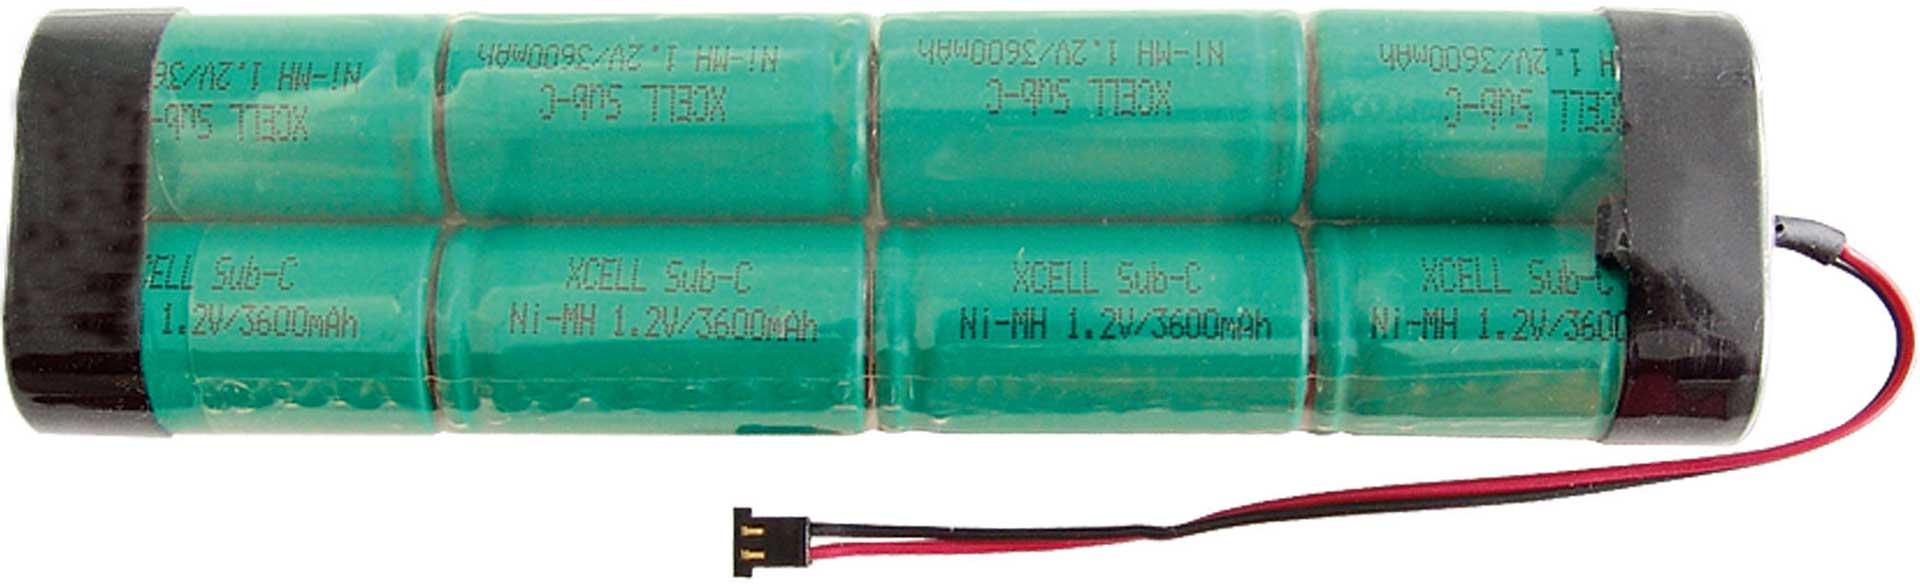 XCELL S-AKKU 3600MAH/9,6V GRAUPNER